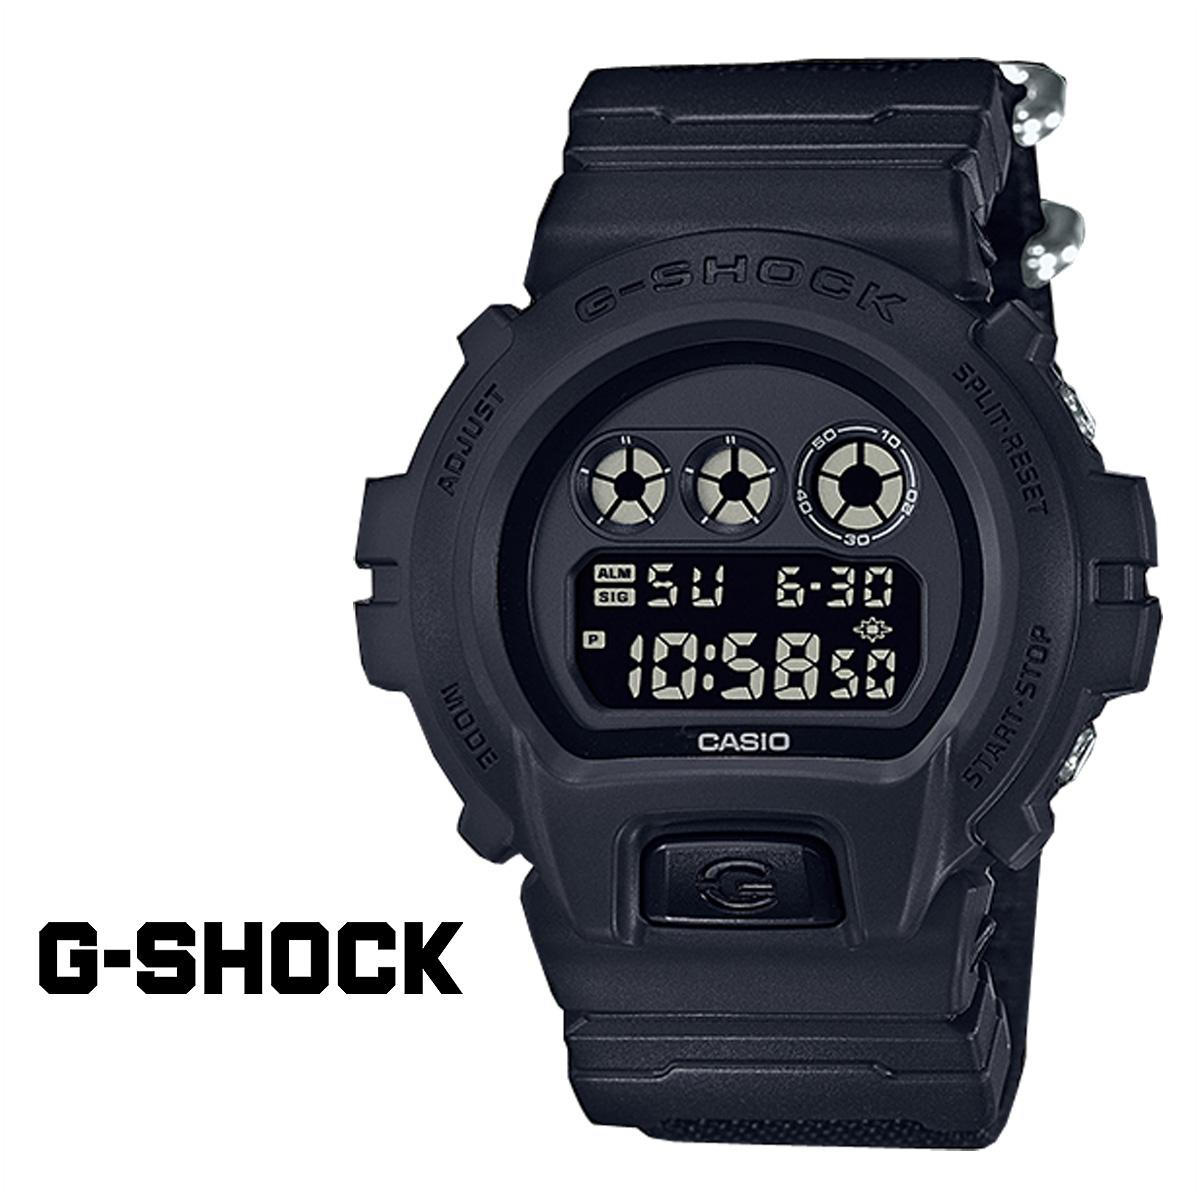 CASIO カシオ G-SHOCK 腕時計 ブラック DW-6900BBN-1JF 6900 ジーショック Gショック G-ショック メンズ, 三石町:c6acfdba --- sem-solutions.jp